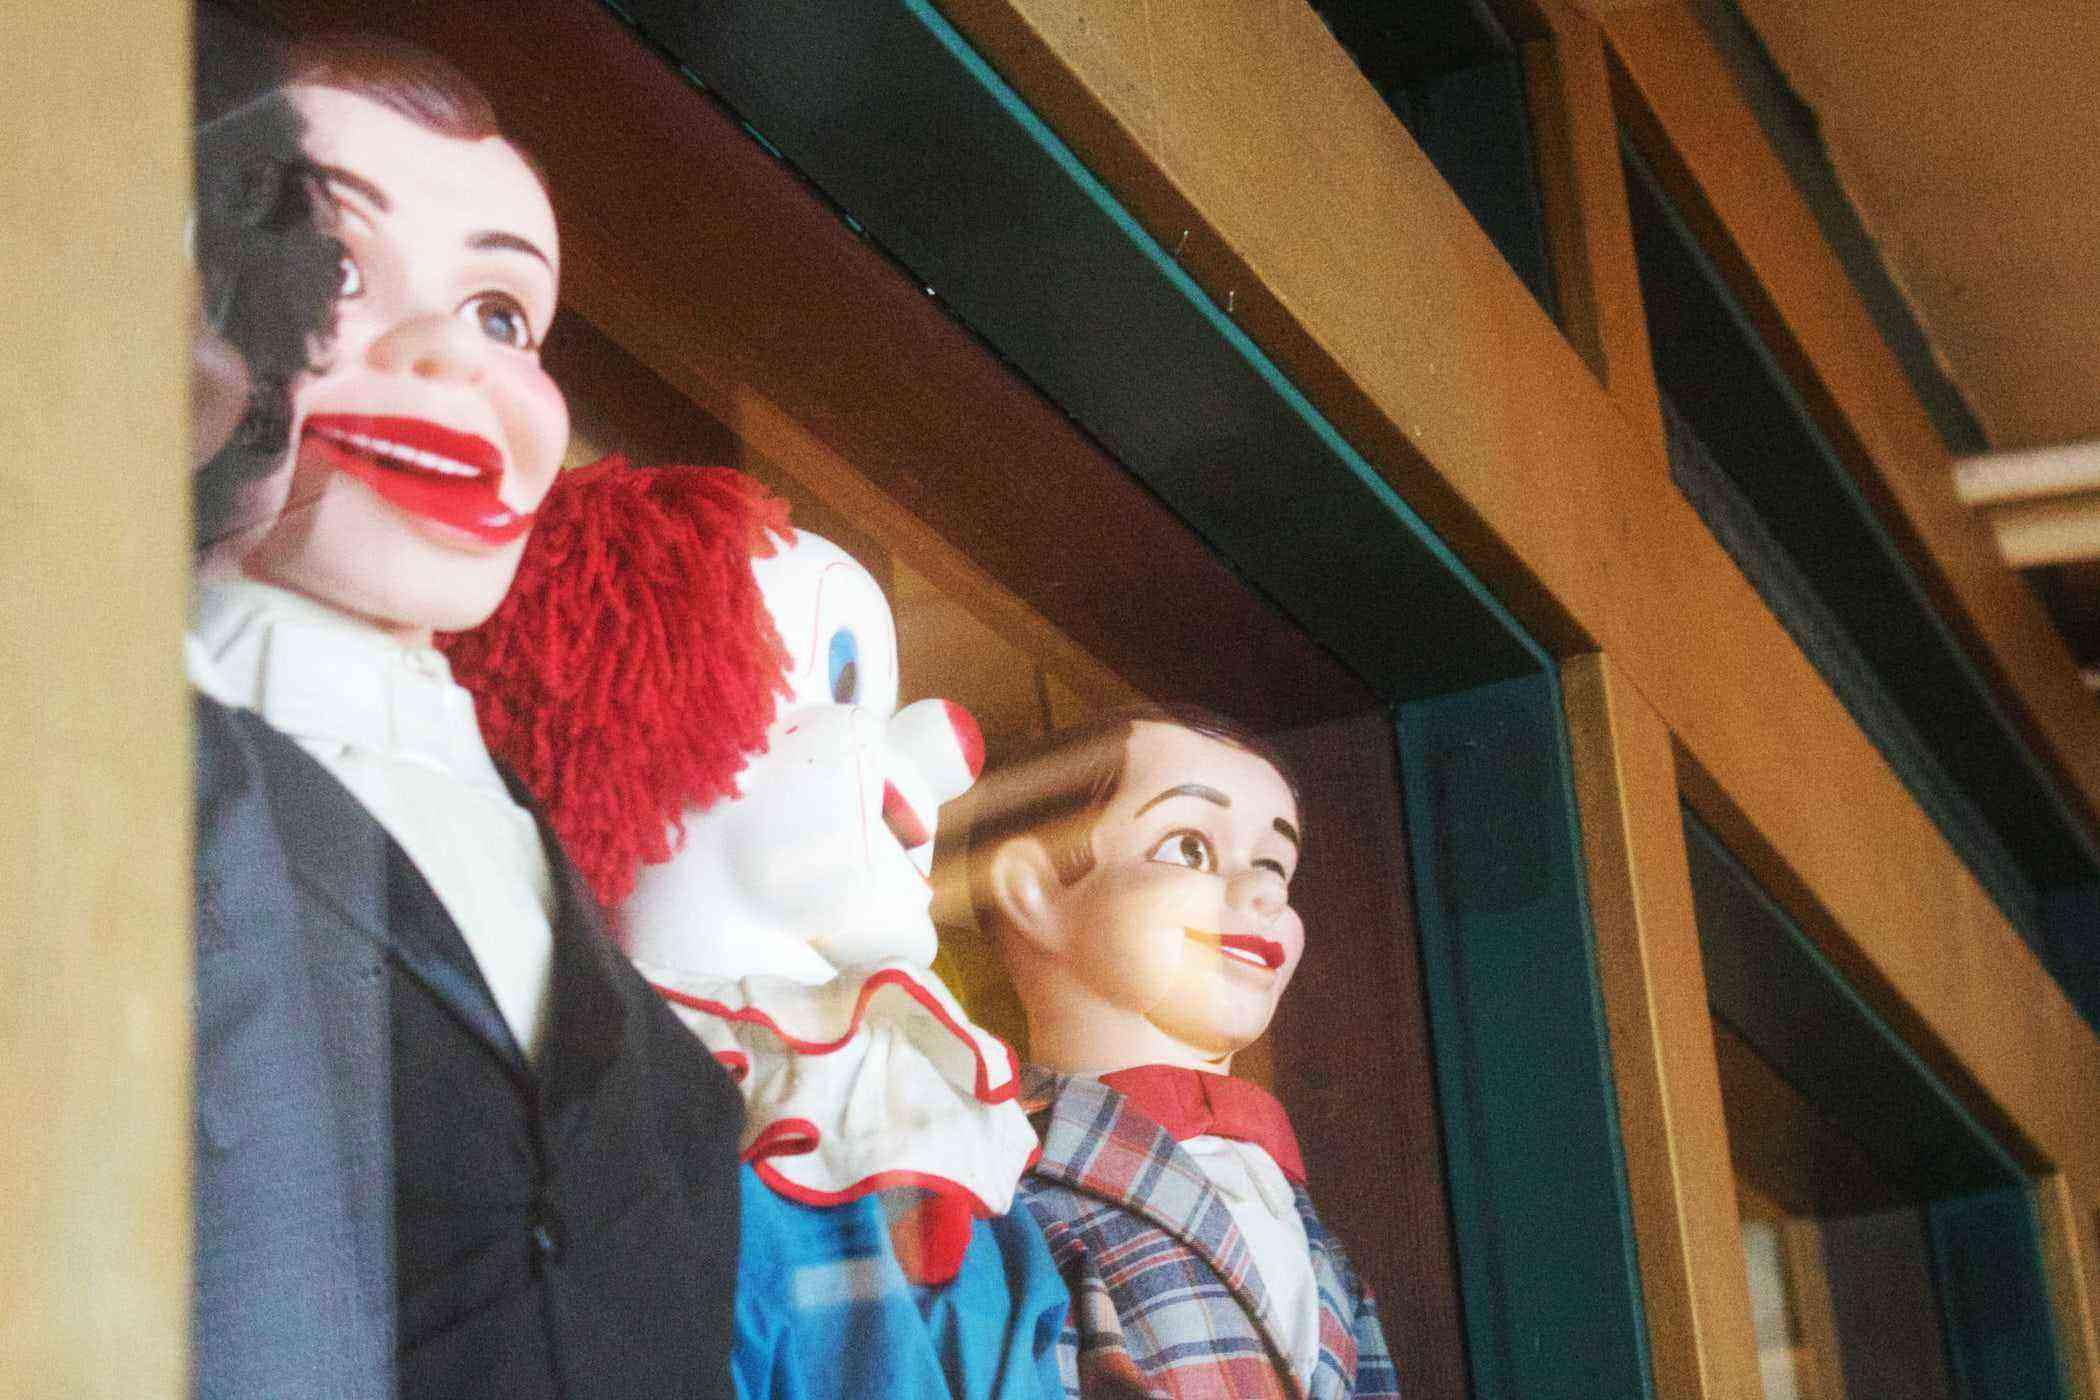 window clowns